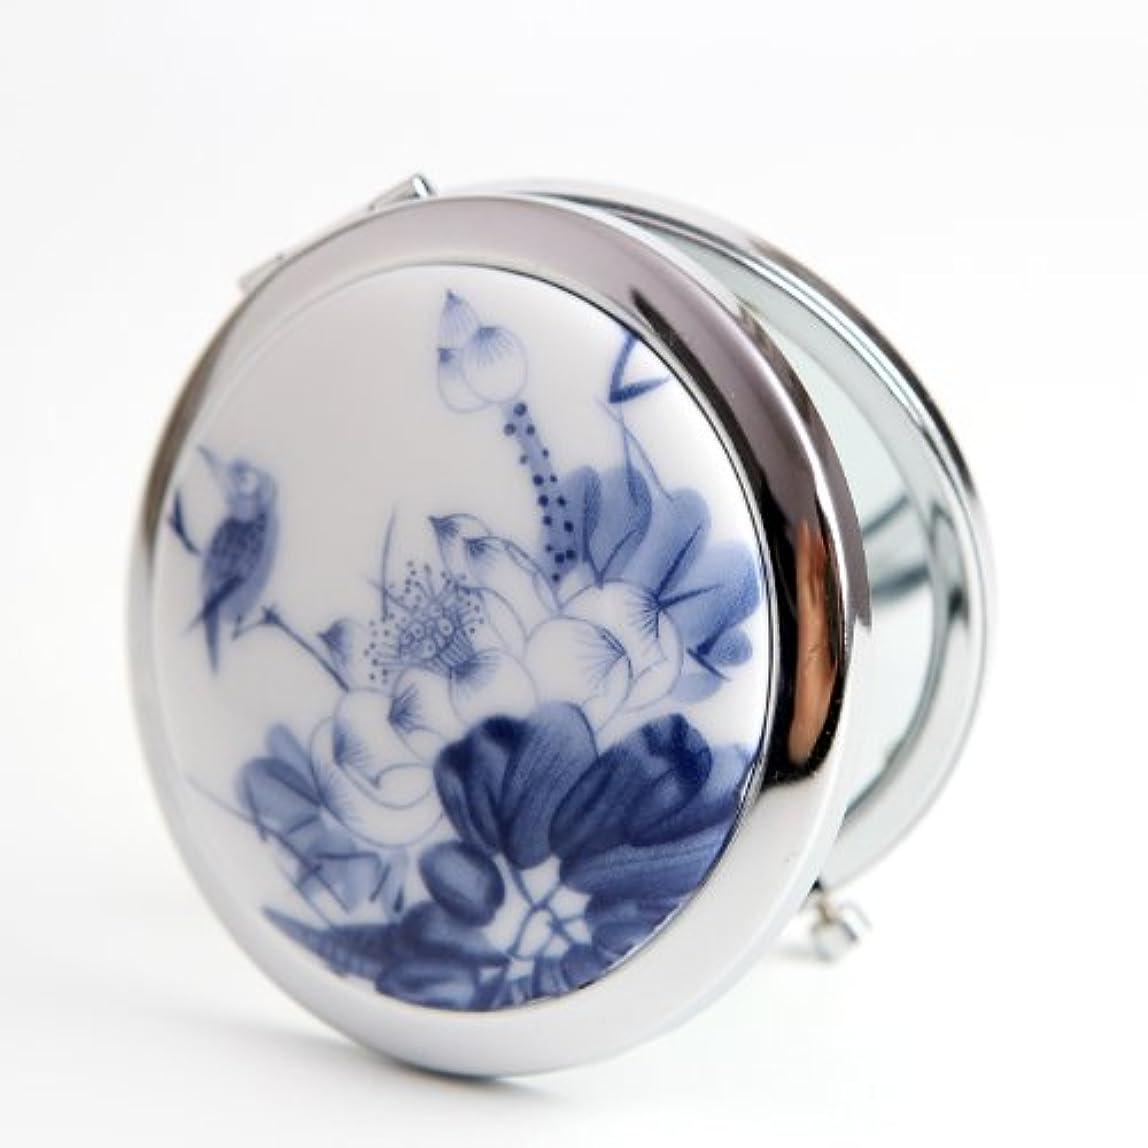 正午乱す公爵夫人手作り 手鏡 レディース コンパクトミラー 化粧鏡 携帯ミラー 細かなメイクや日々のスキンケアに最適!